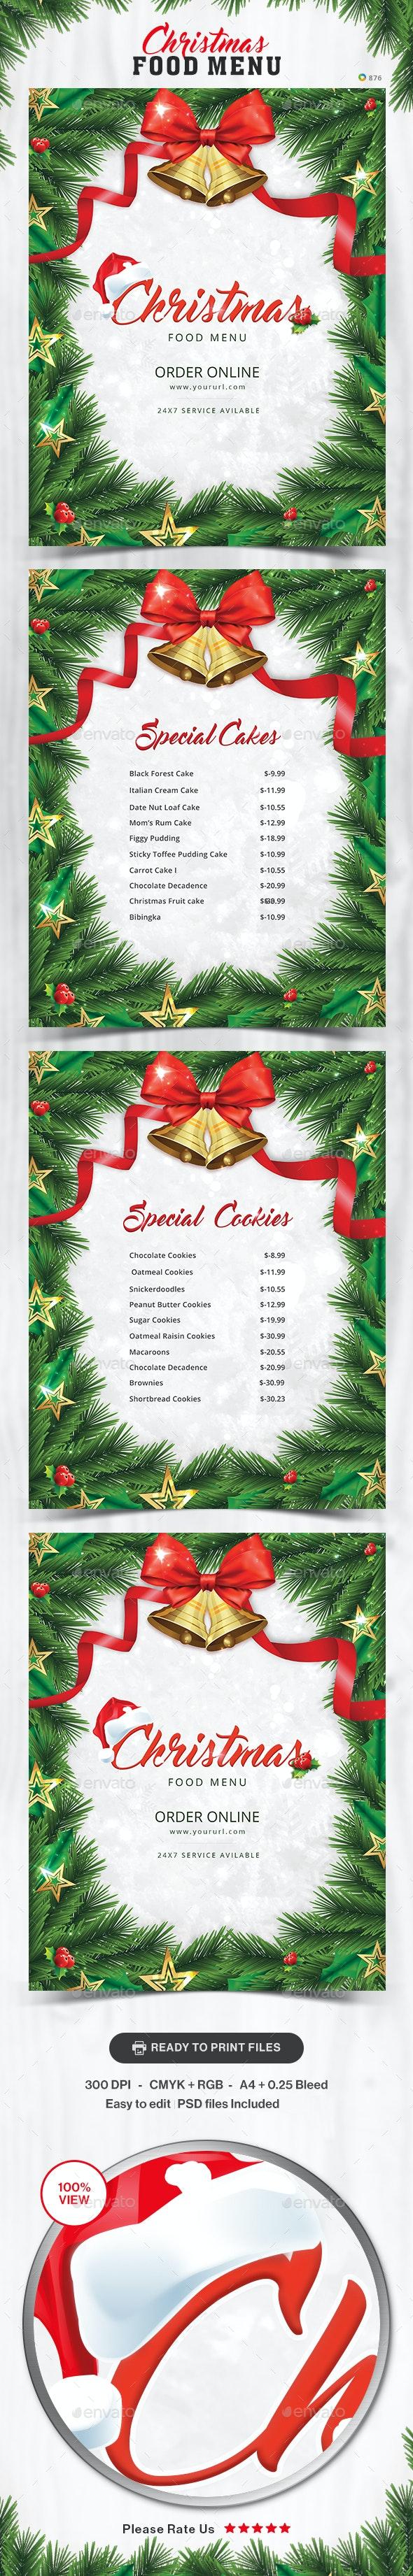 Christmas Food Menu Design Template - Food Menus Print Templates